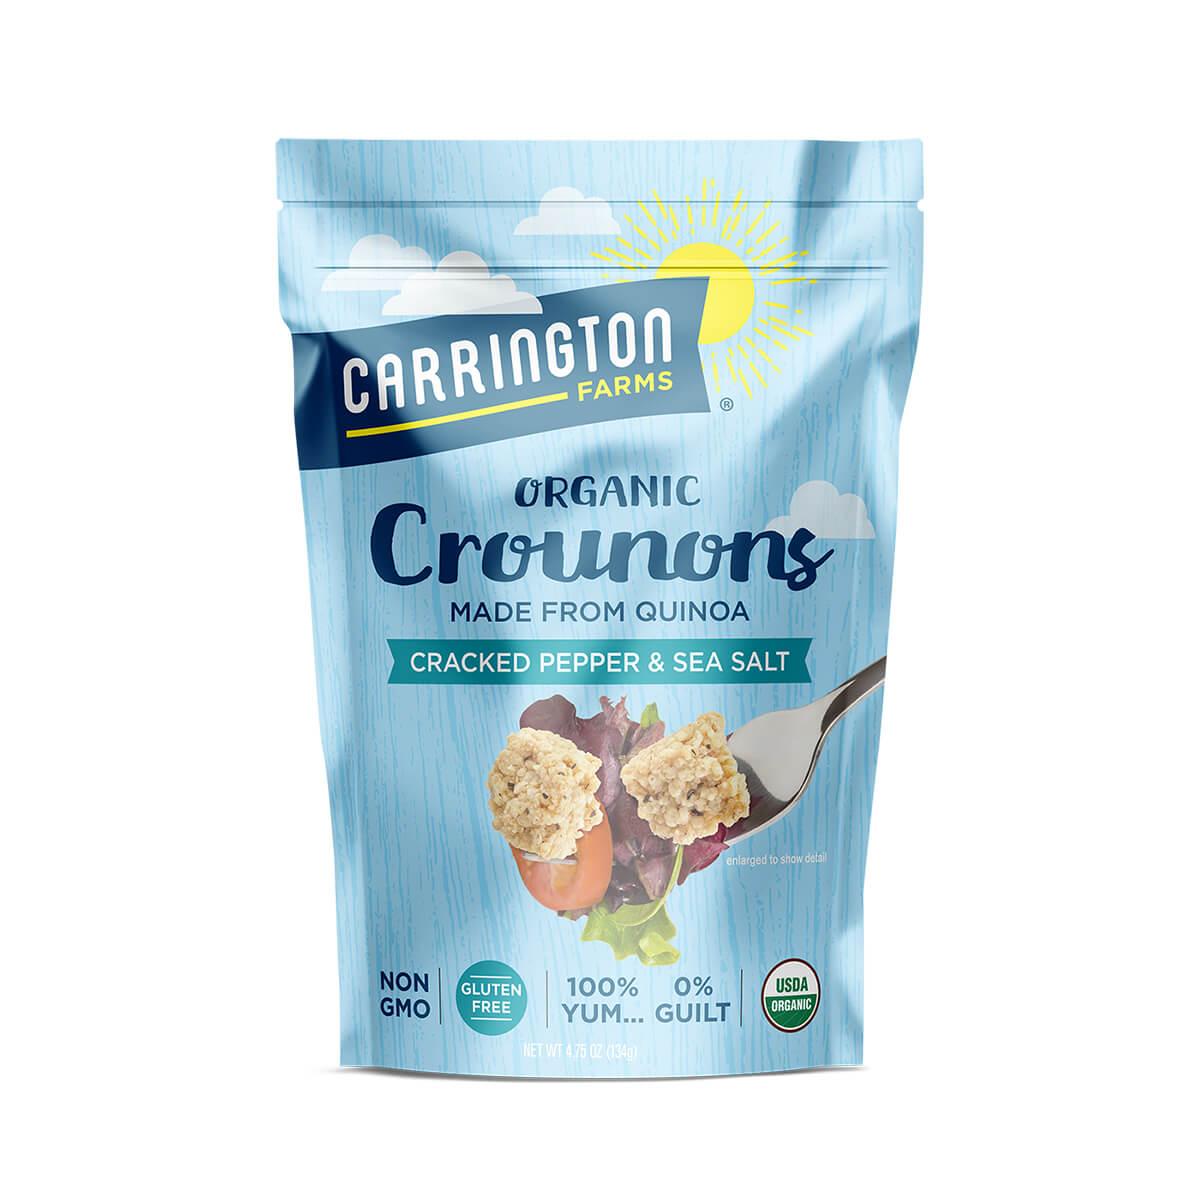 Carrington Farms Cracked Pepper & Sea Salt Crounons, front of bag, organic, non gmo